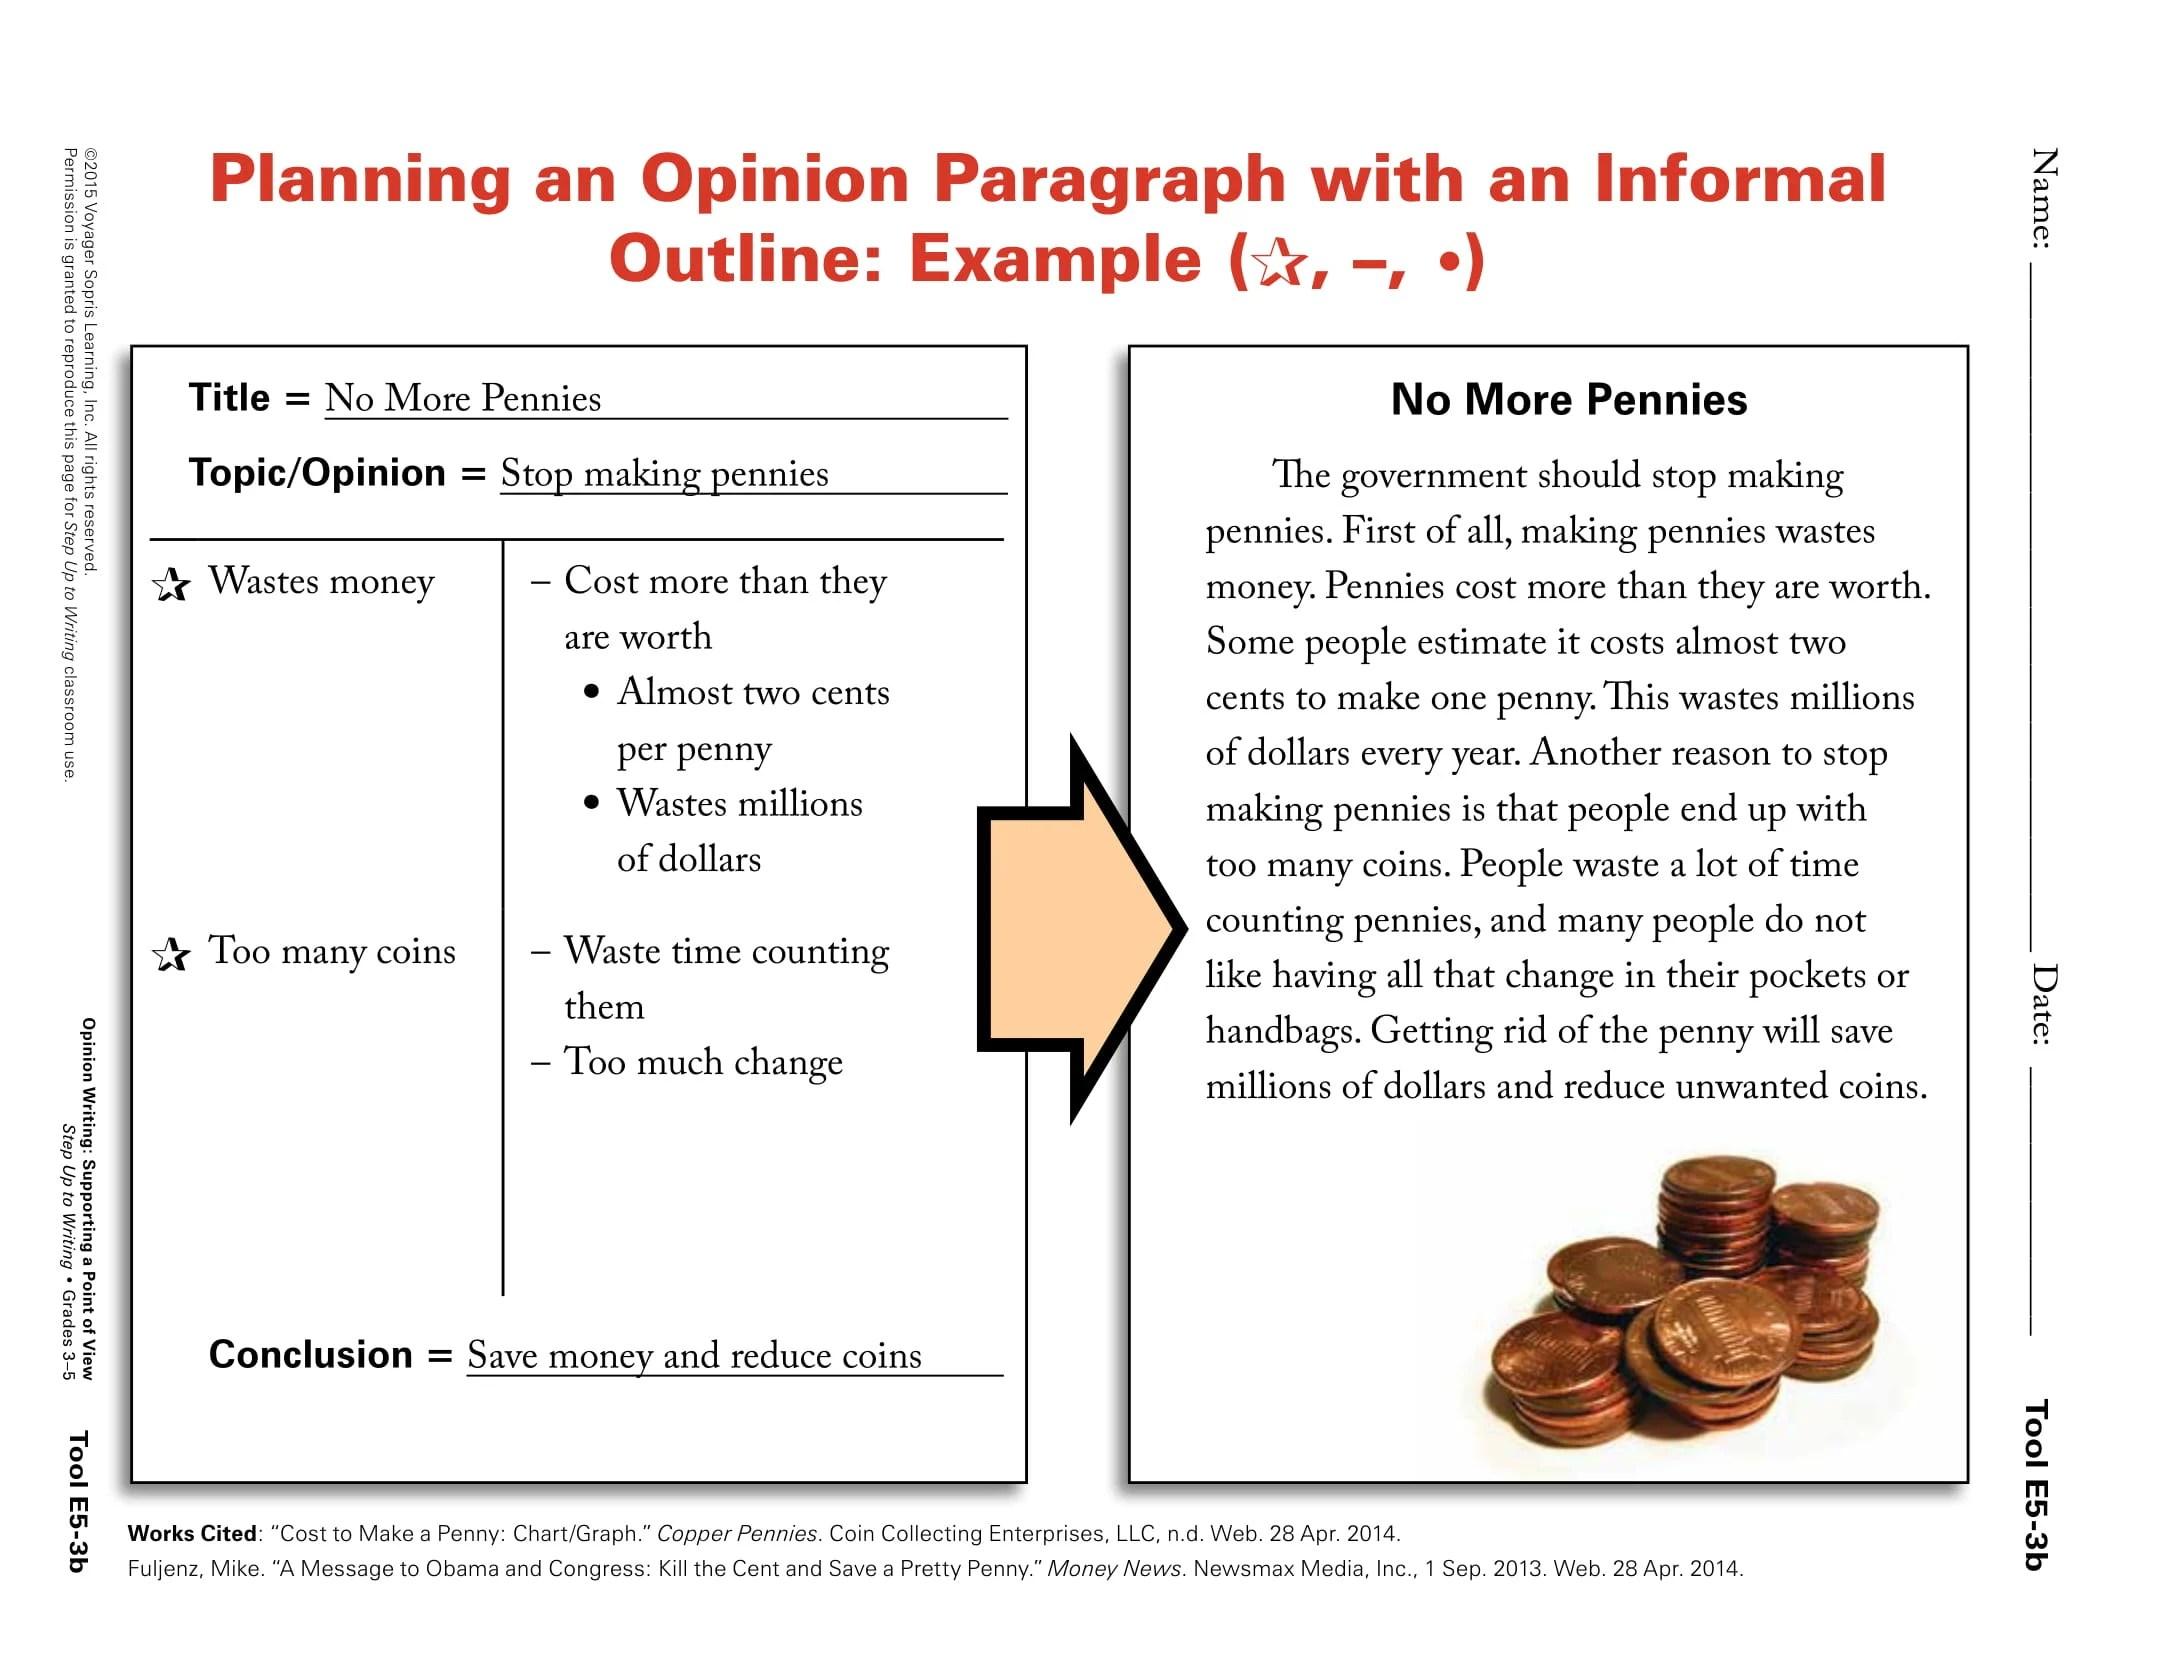 5 Informal Outline Templates